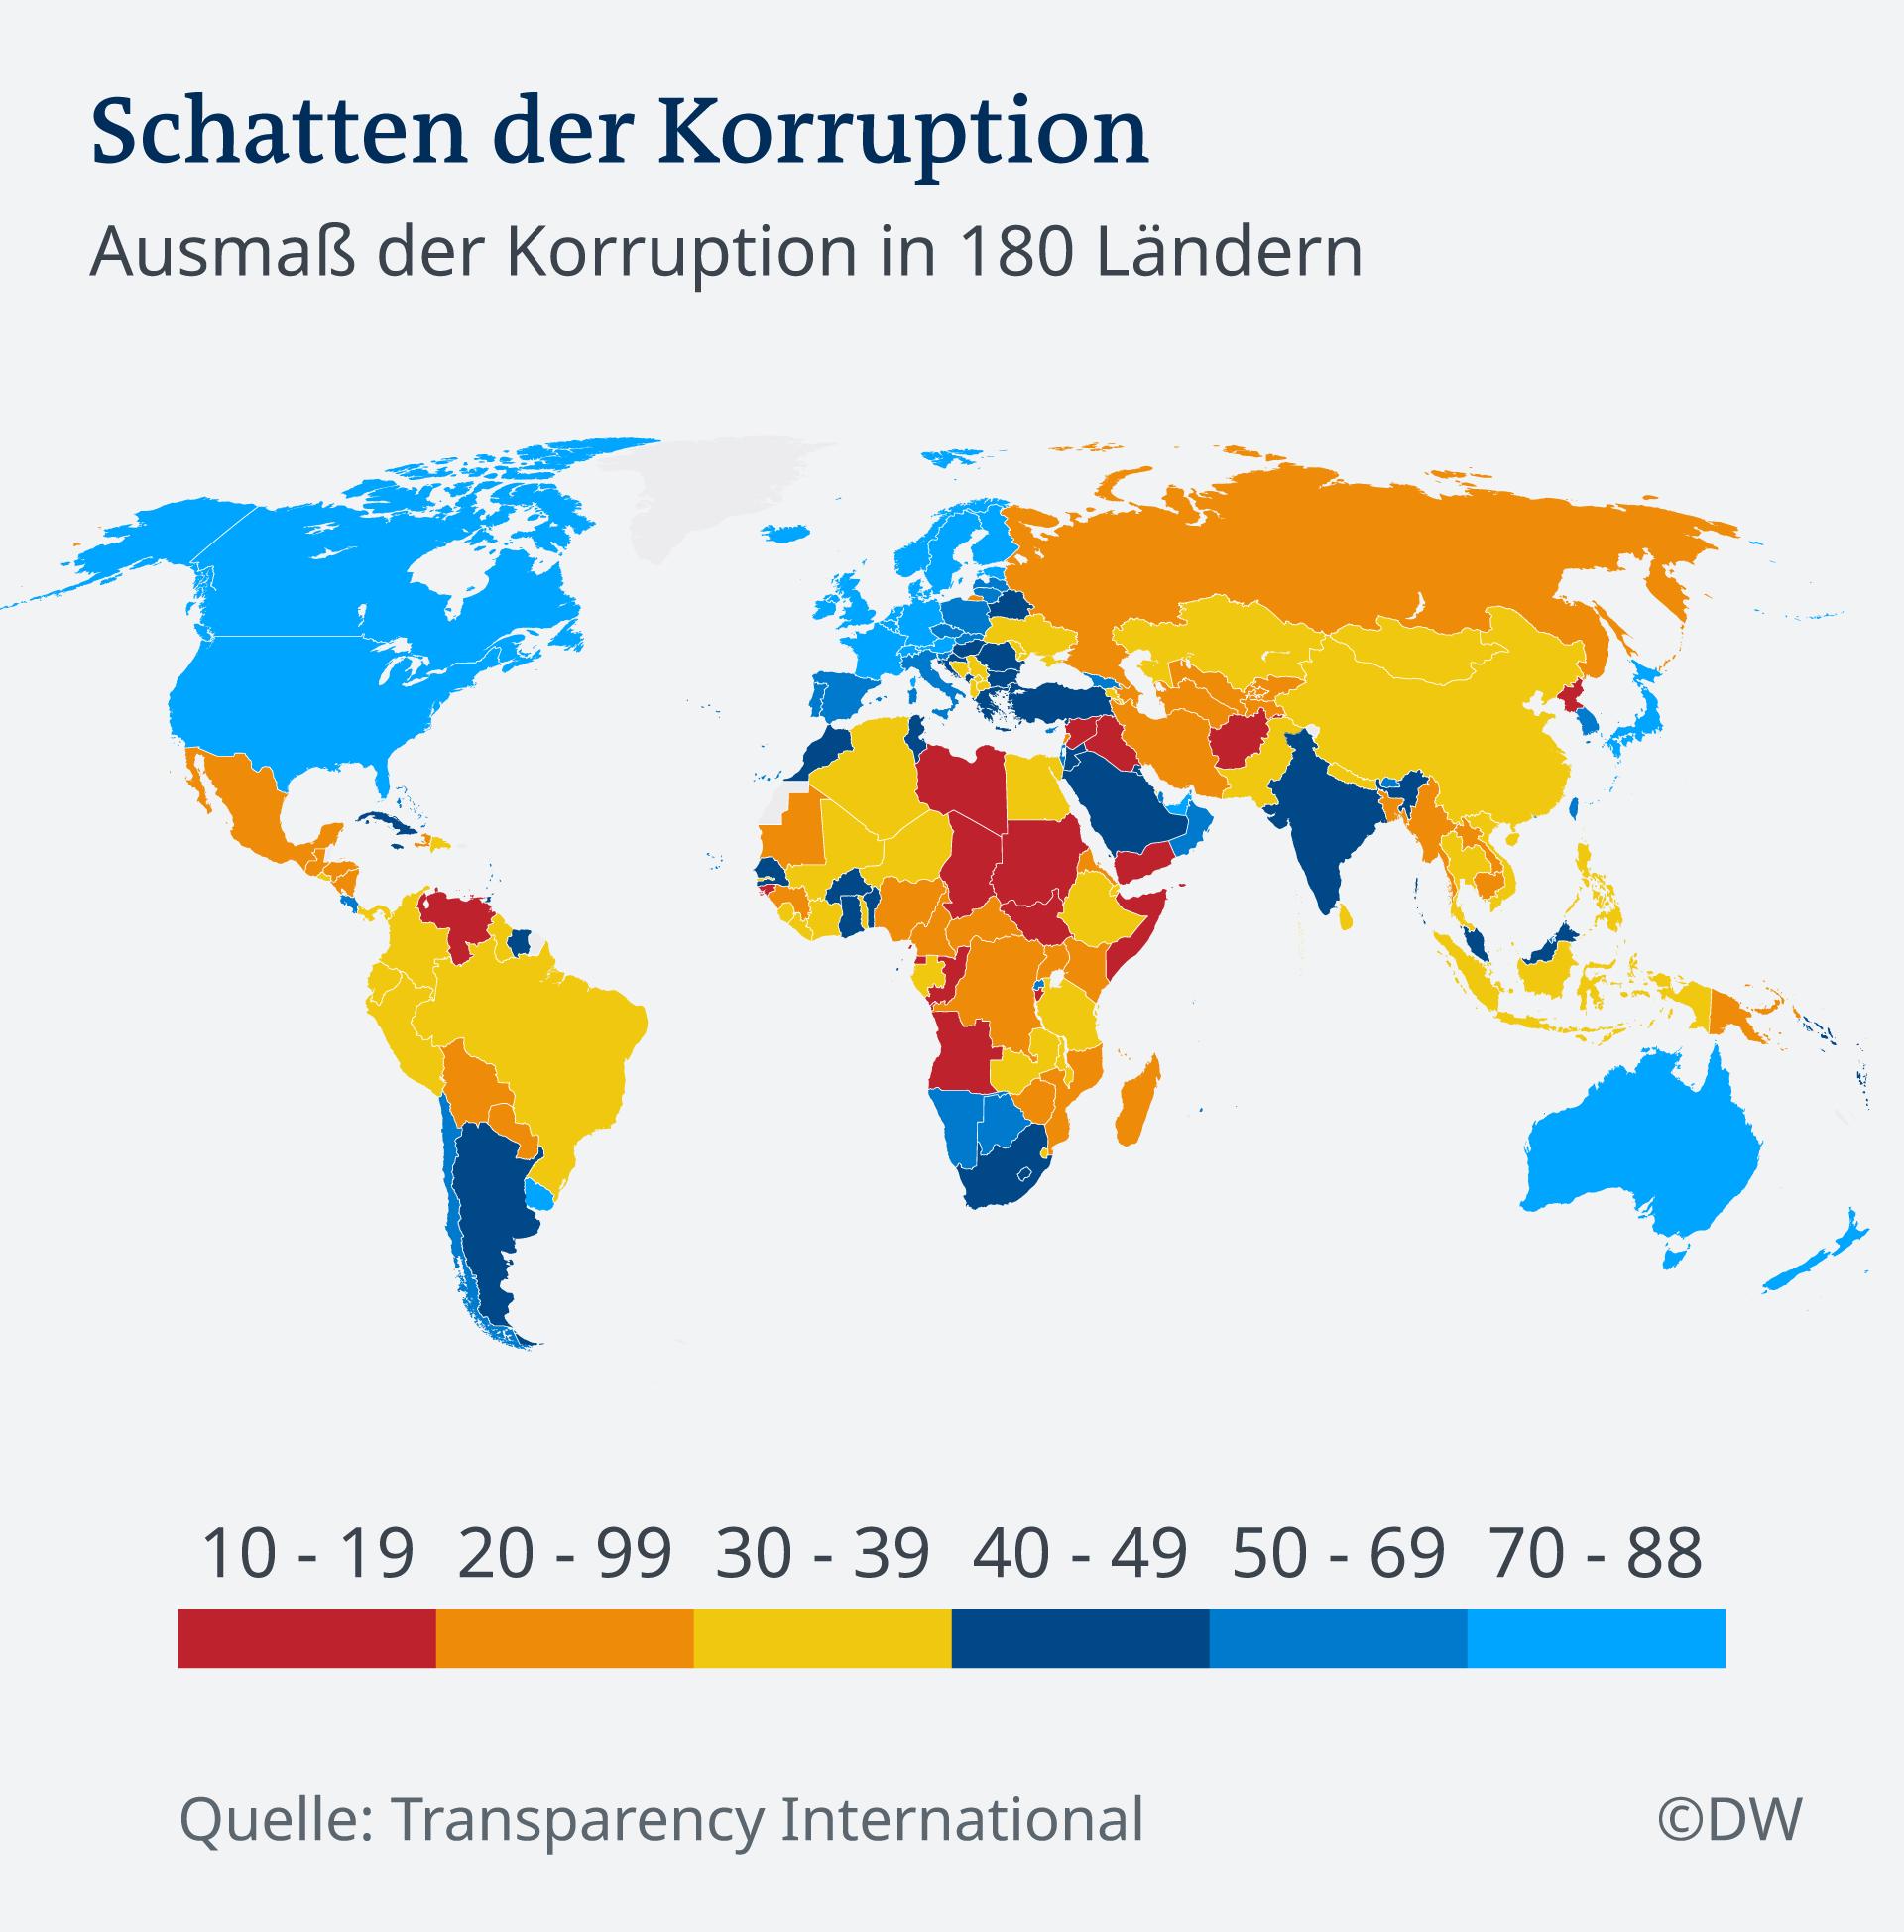 Wie Viele Länder Gibt Es Auf Der Welt 2019